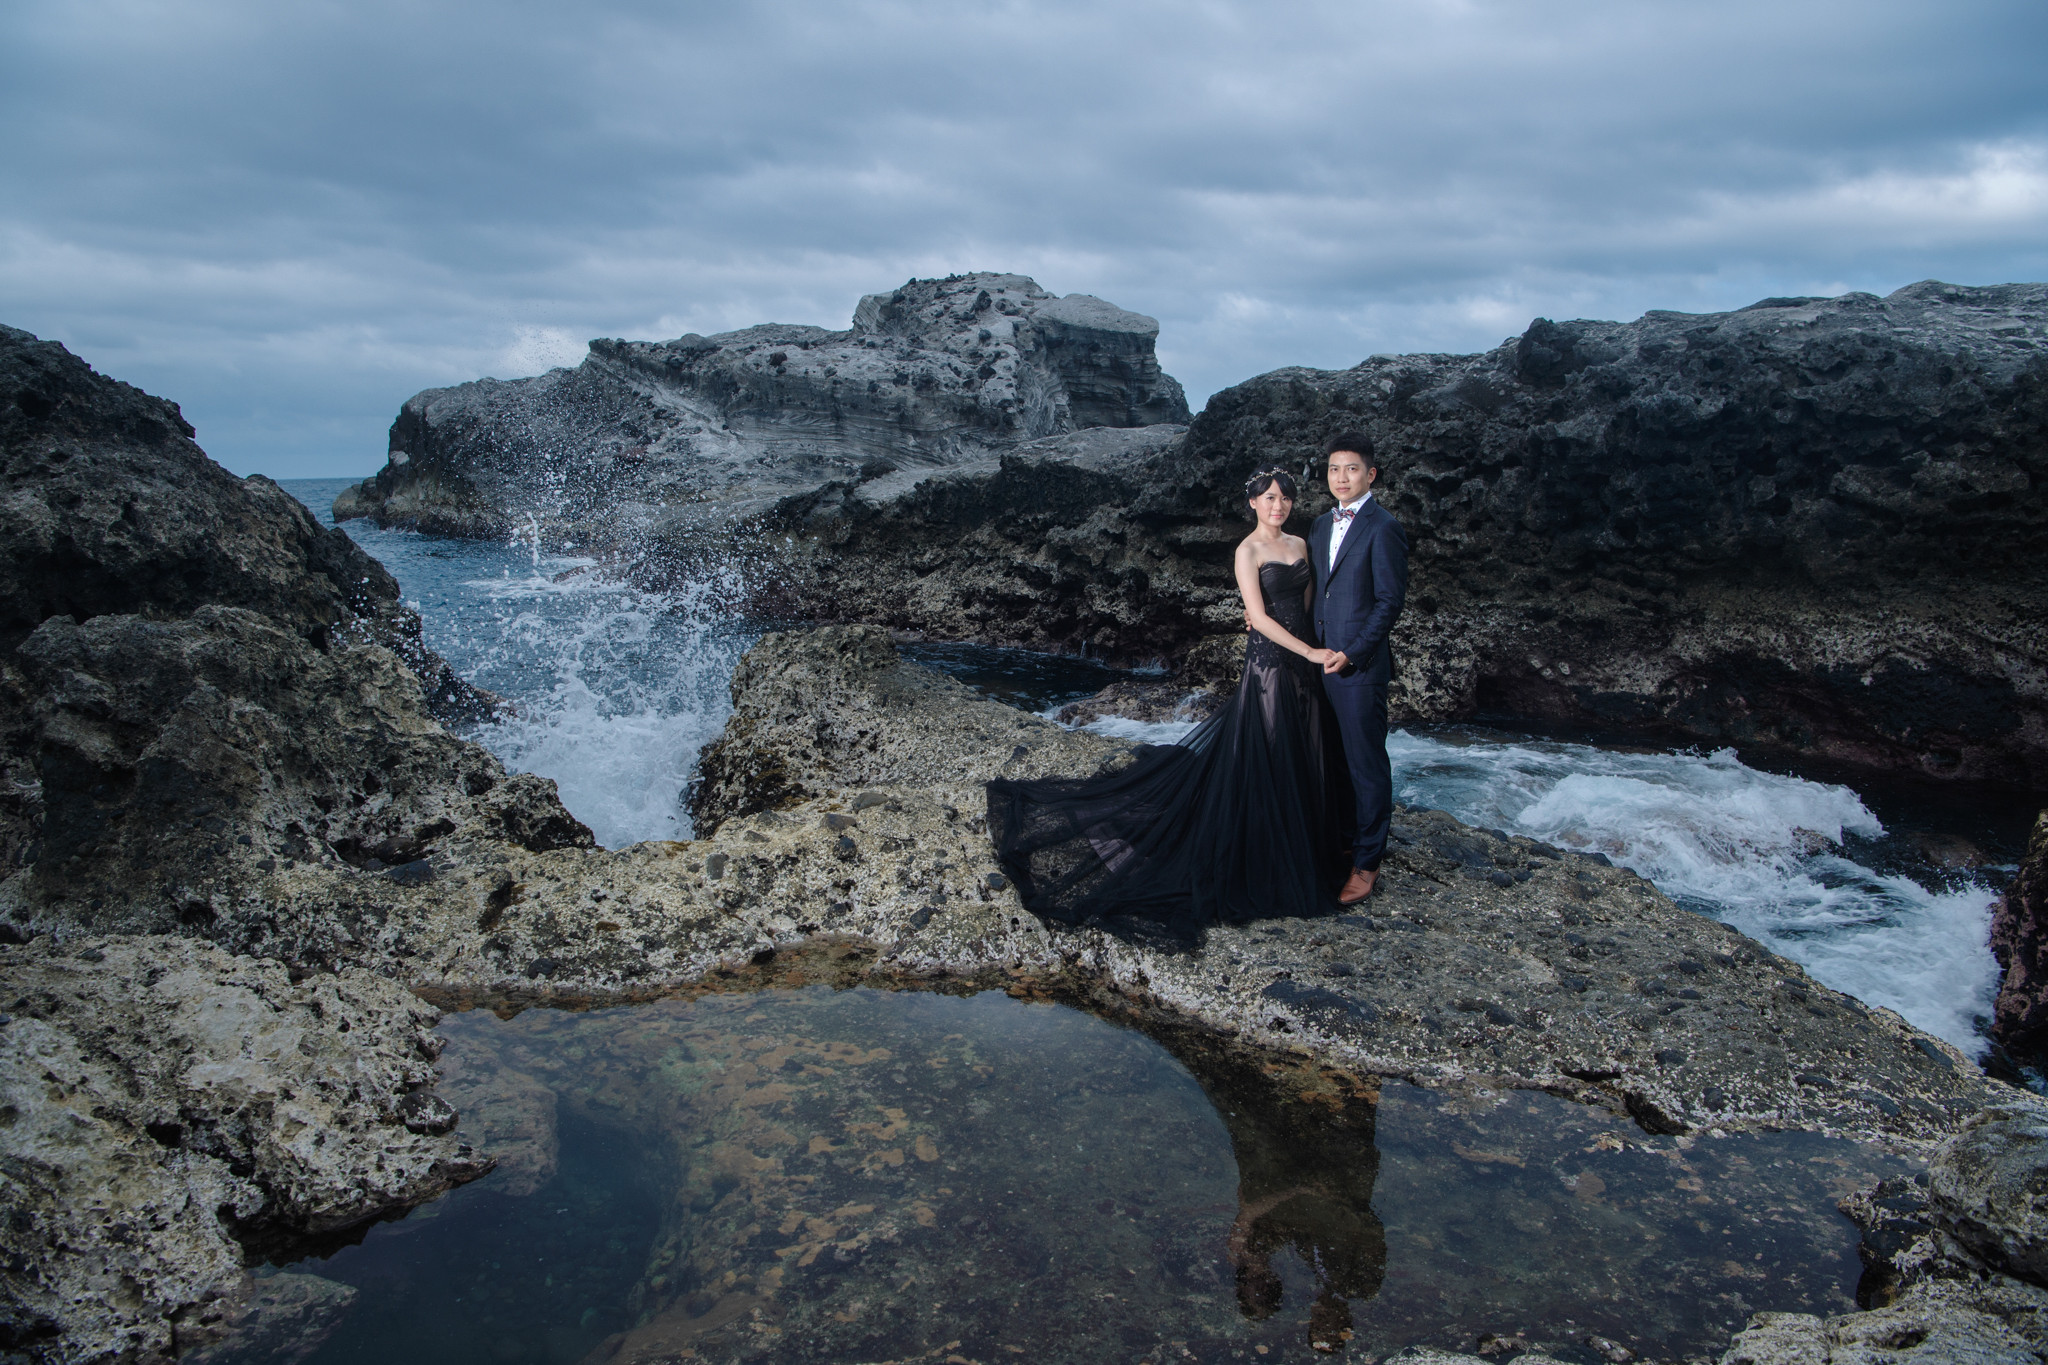 自主婚紗, 東法, 花蓮婚紗, 藝術婚紗, Donfer, Donfer Photography, EASTERN WEDDING, Fine Art